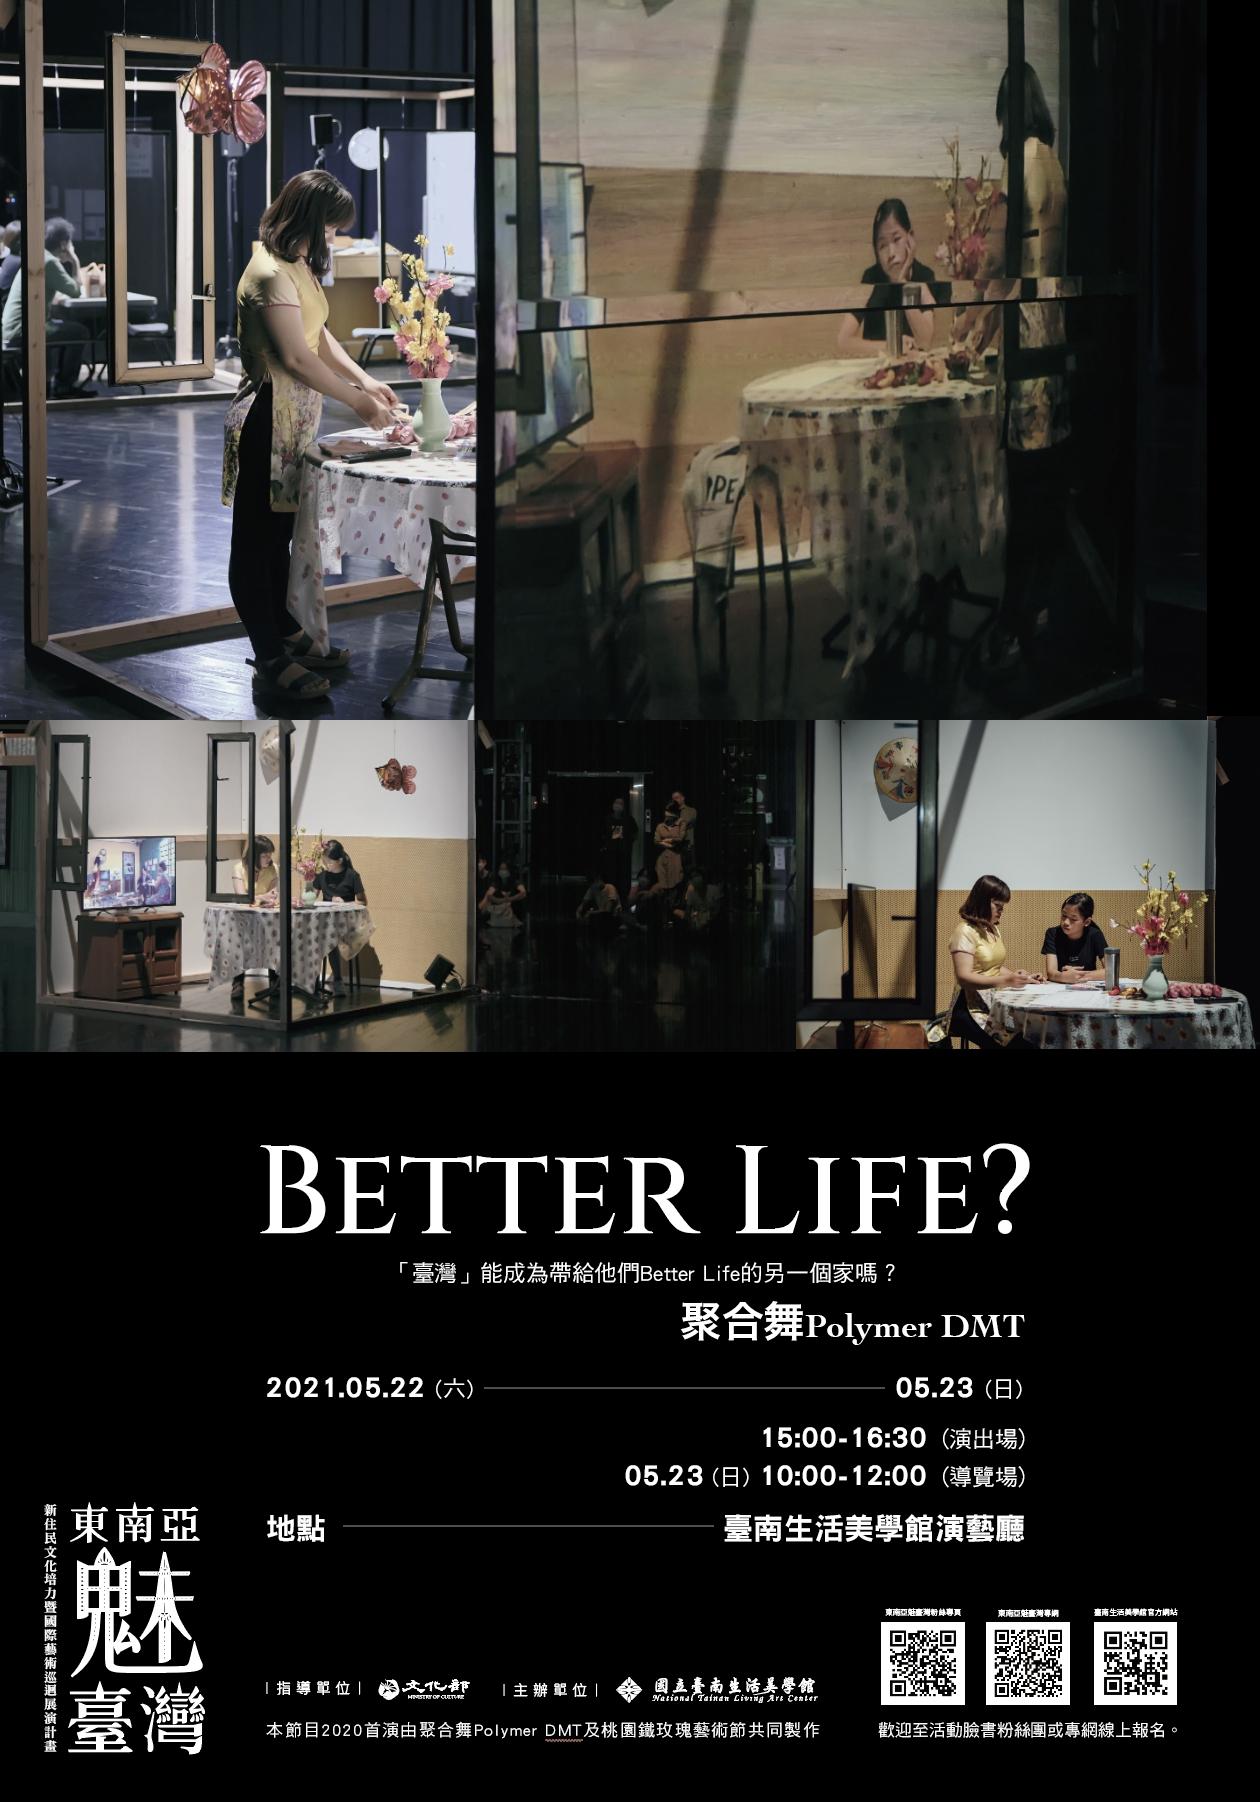 Betterlife演海報0415.jpg